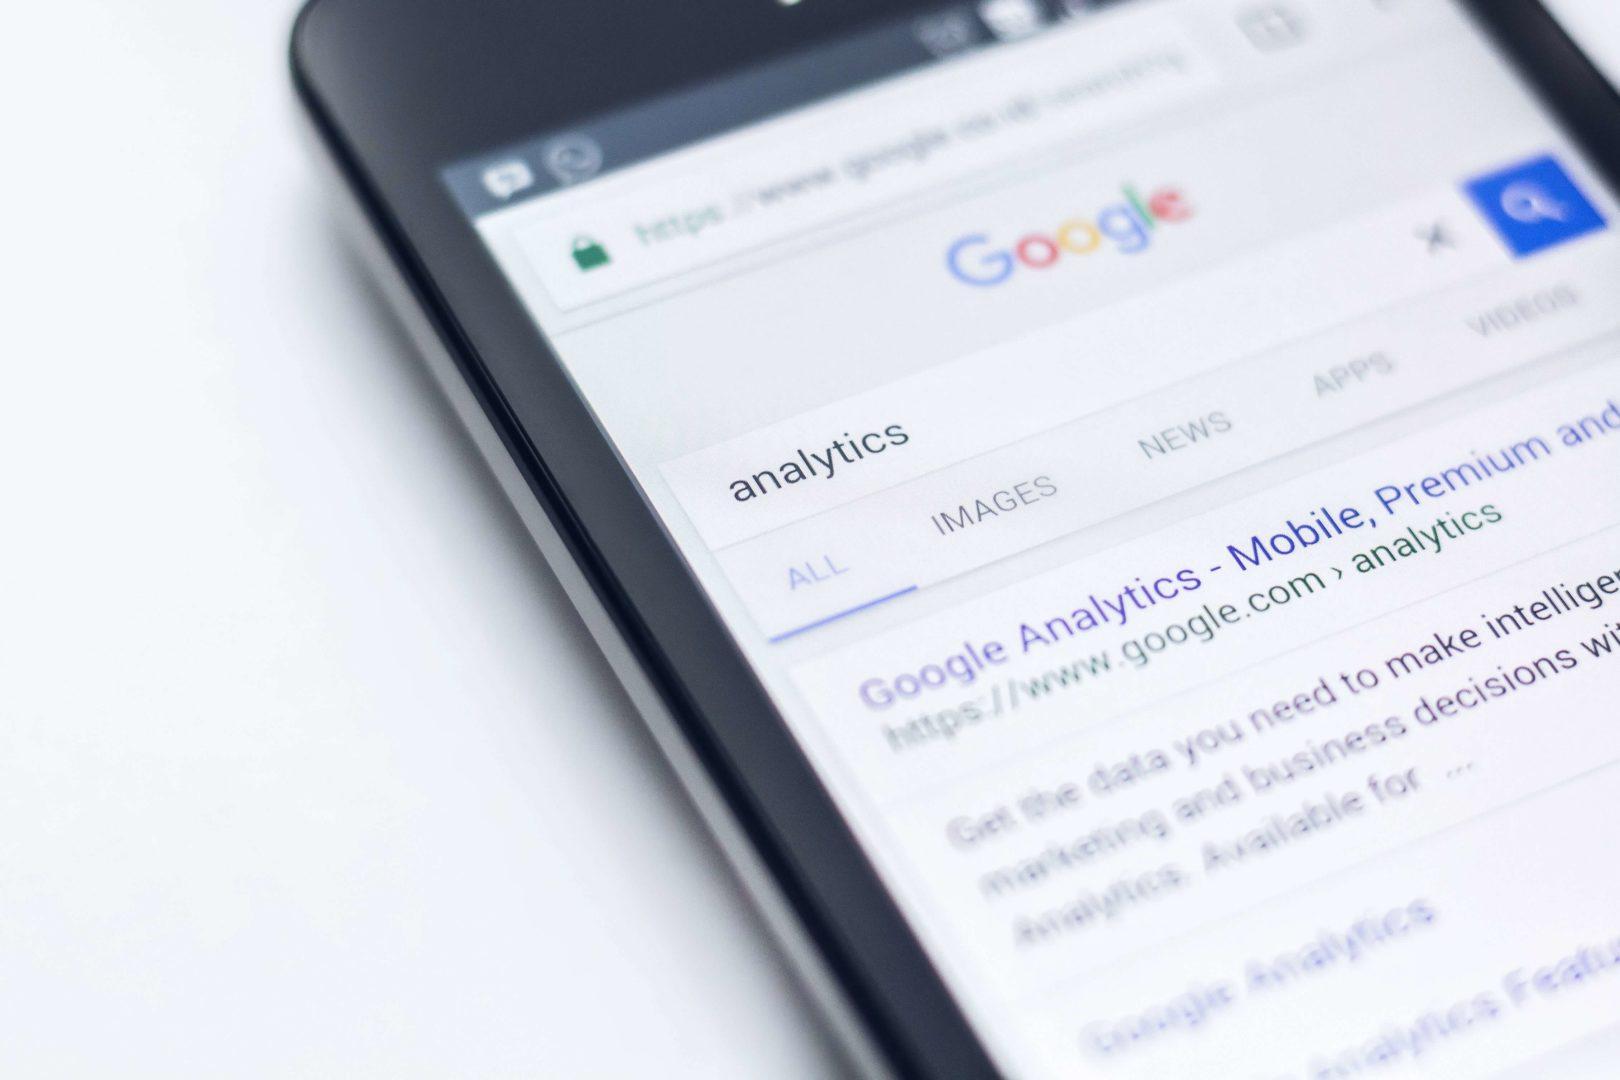 Google recomenda maneiras de pausar negócios em buscas durante pandemia